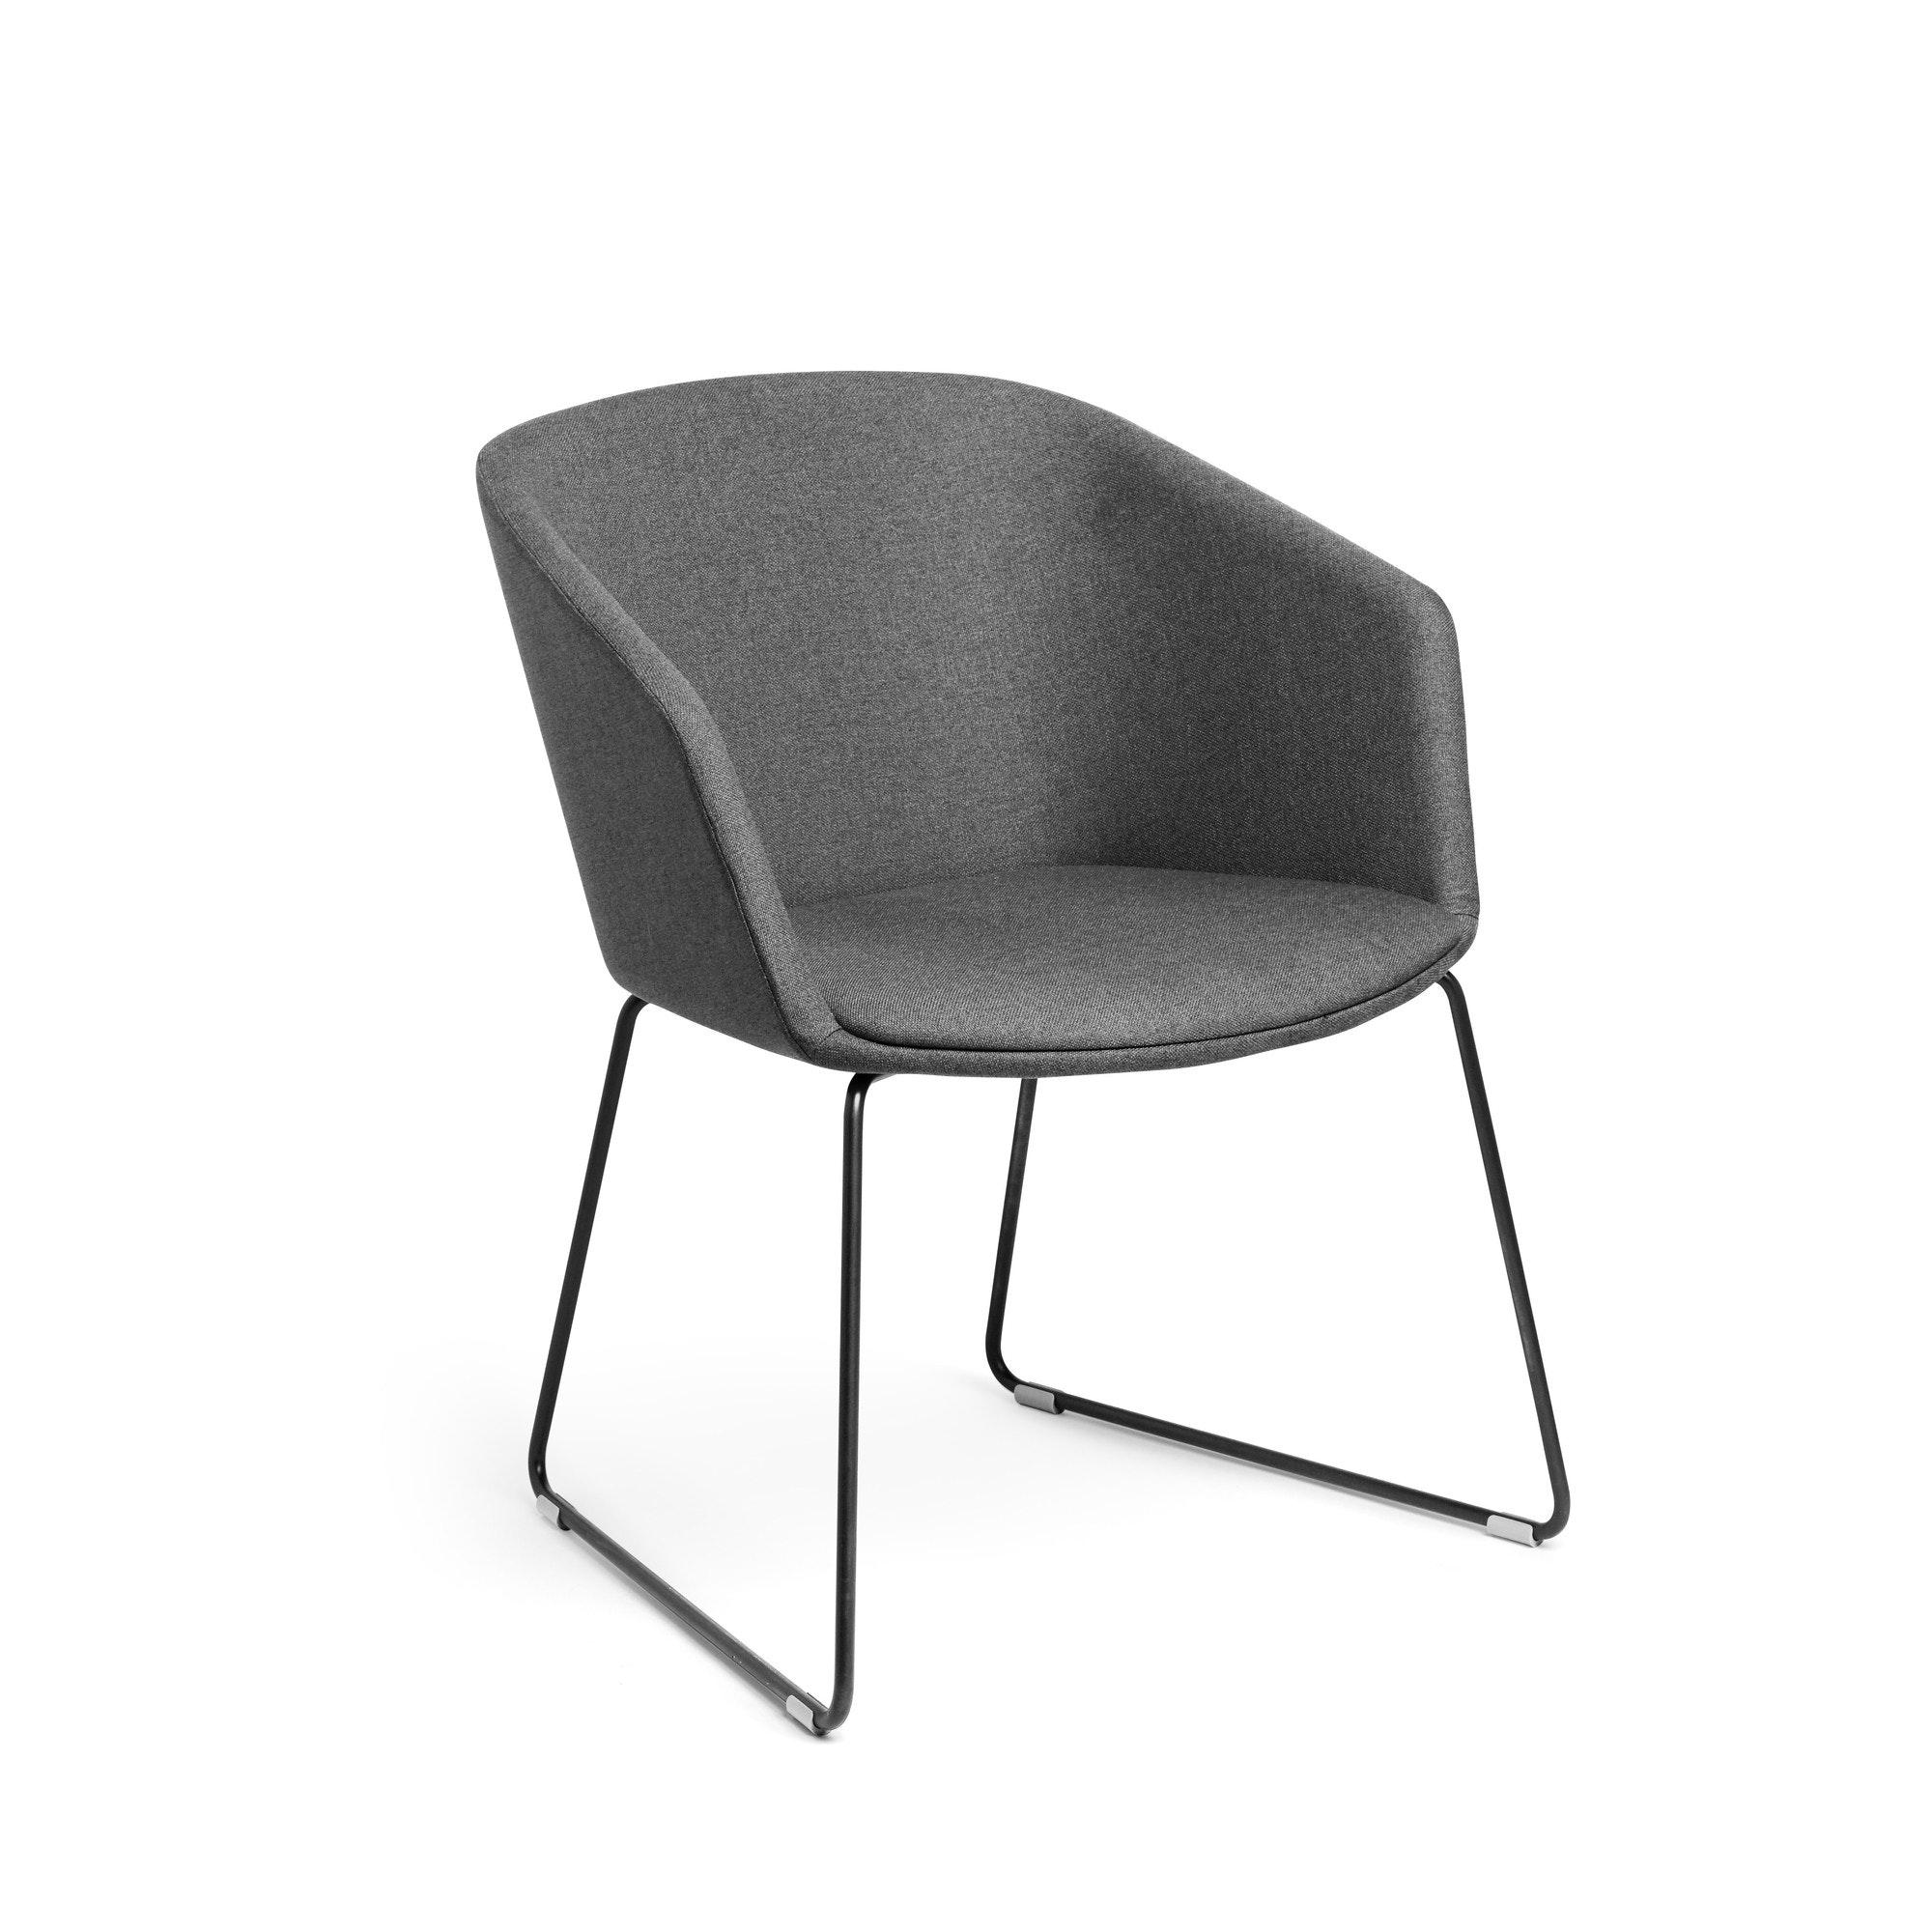 dark gray pitch sled chairdark grayhires